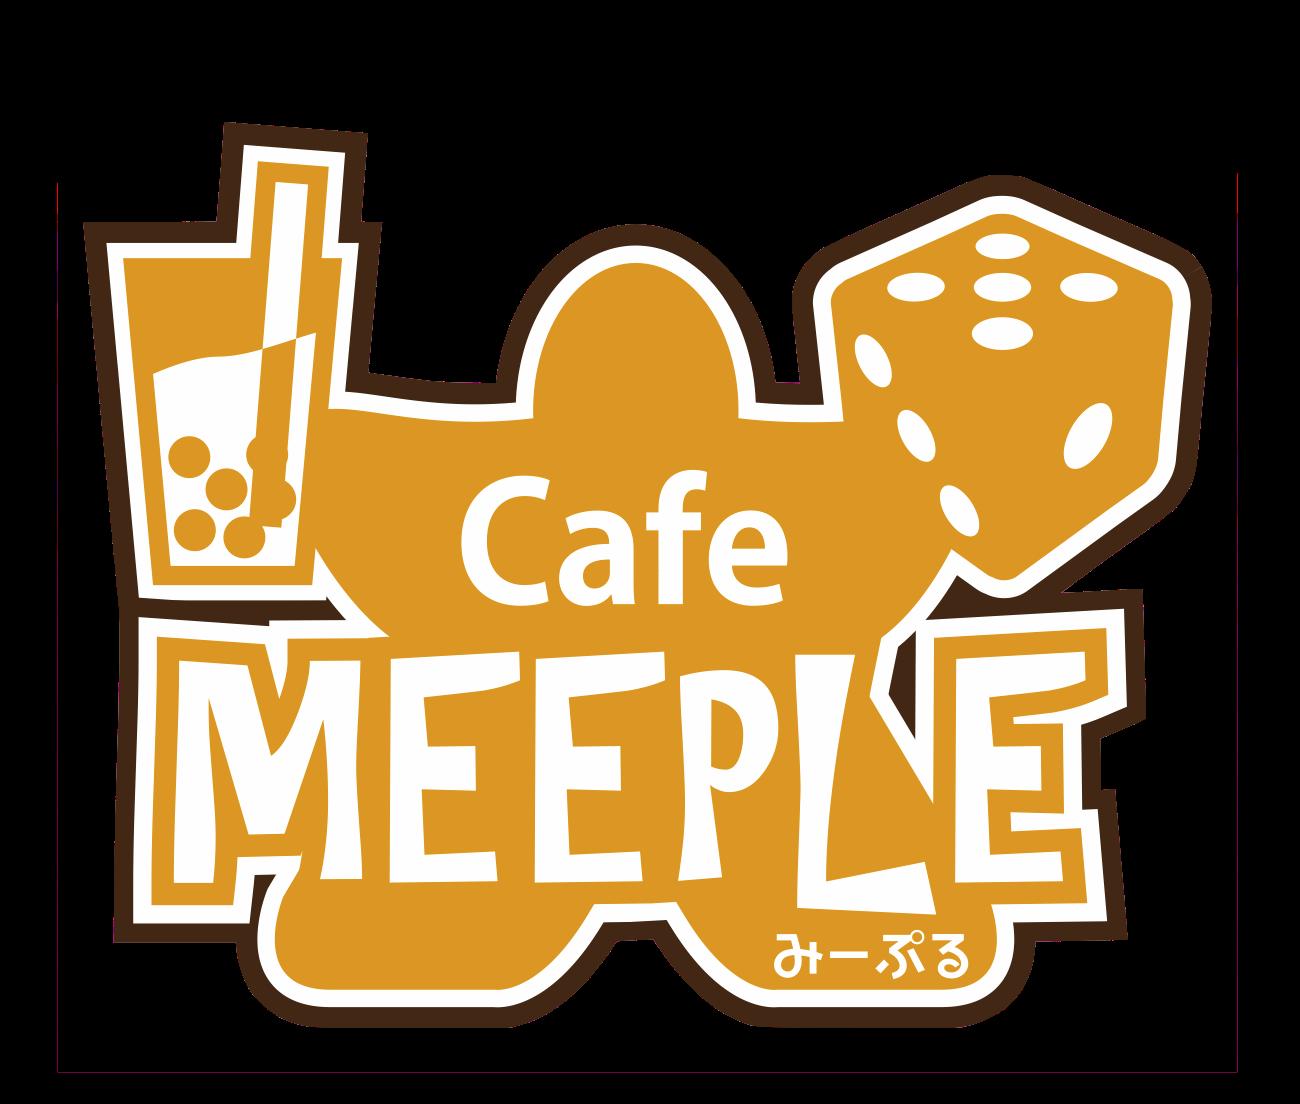 Cafe Meeple(カフェミープル)